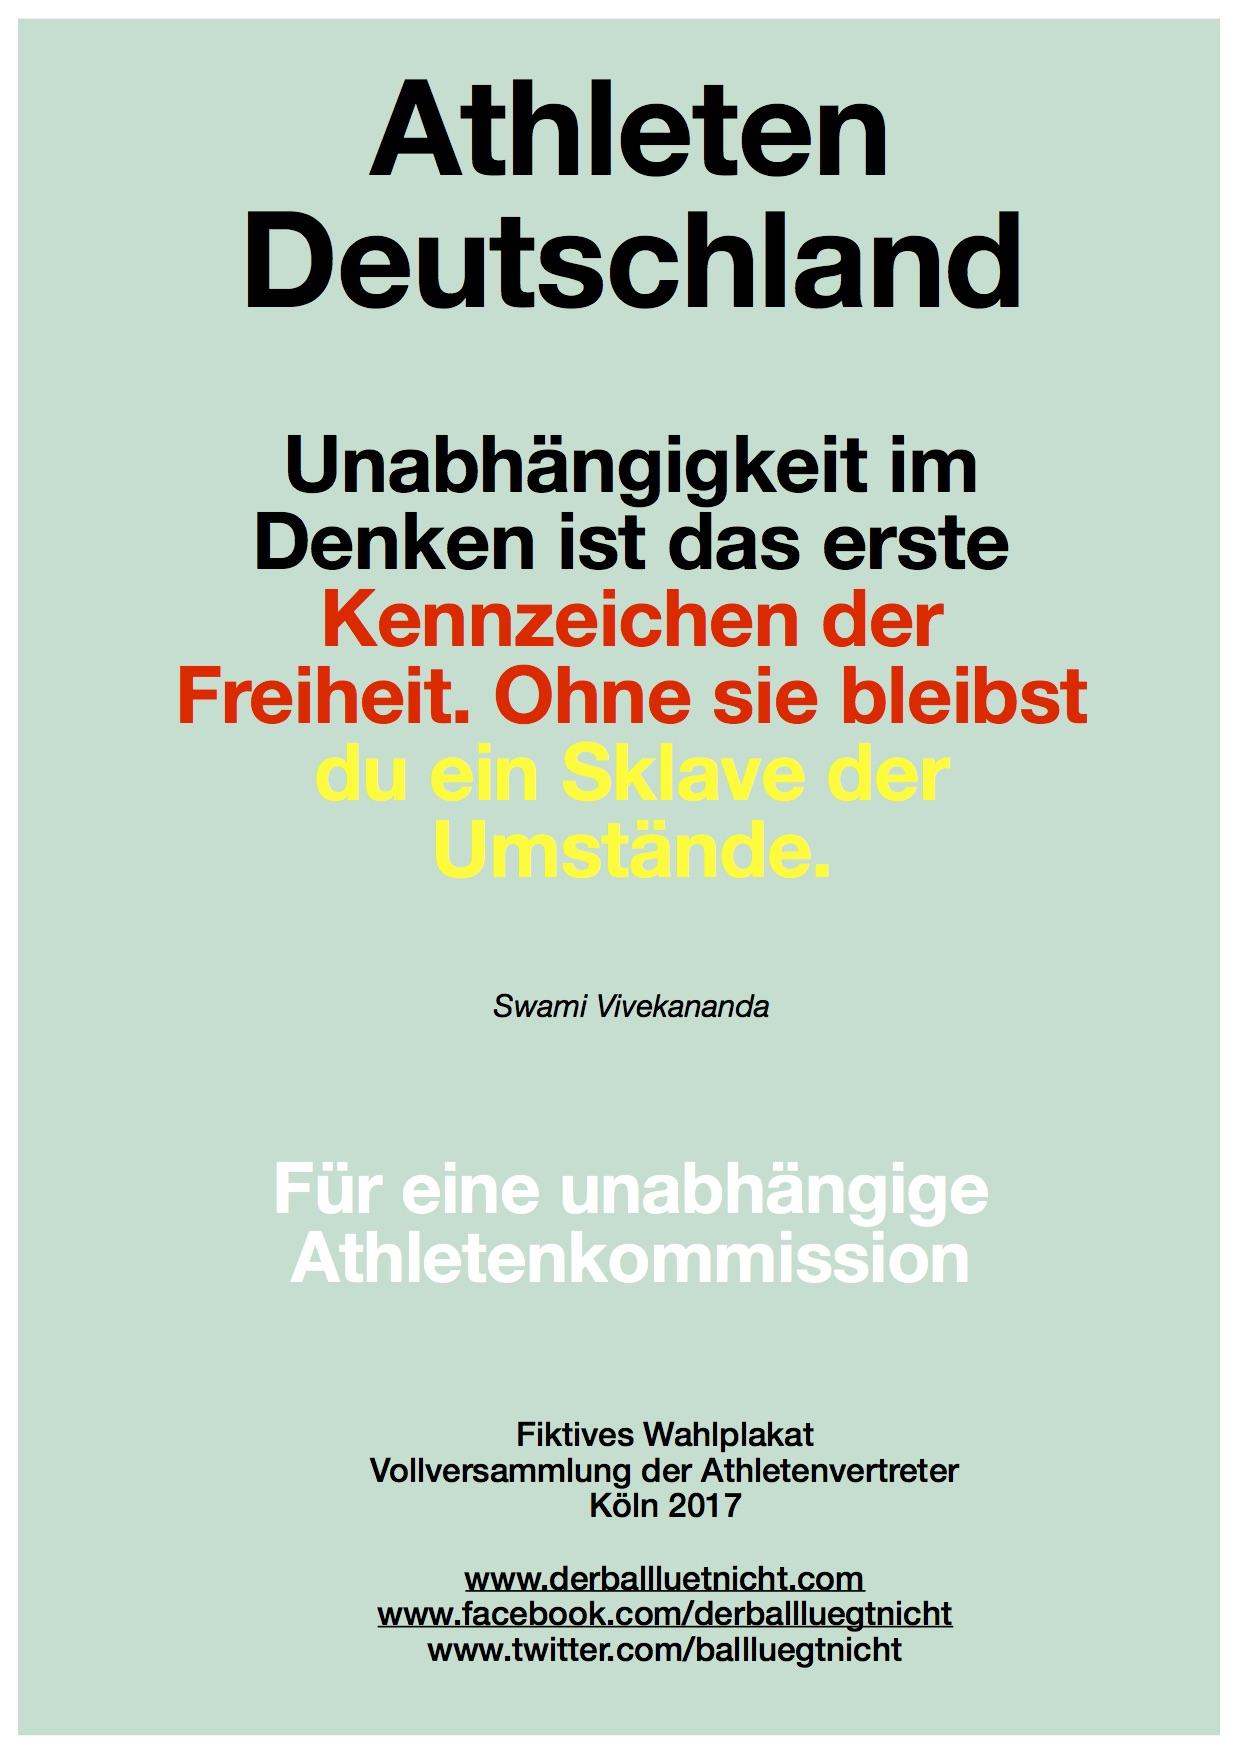 Athleten Deutschland